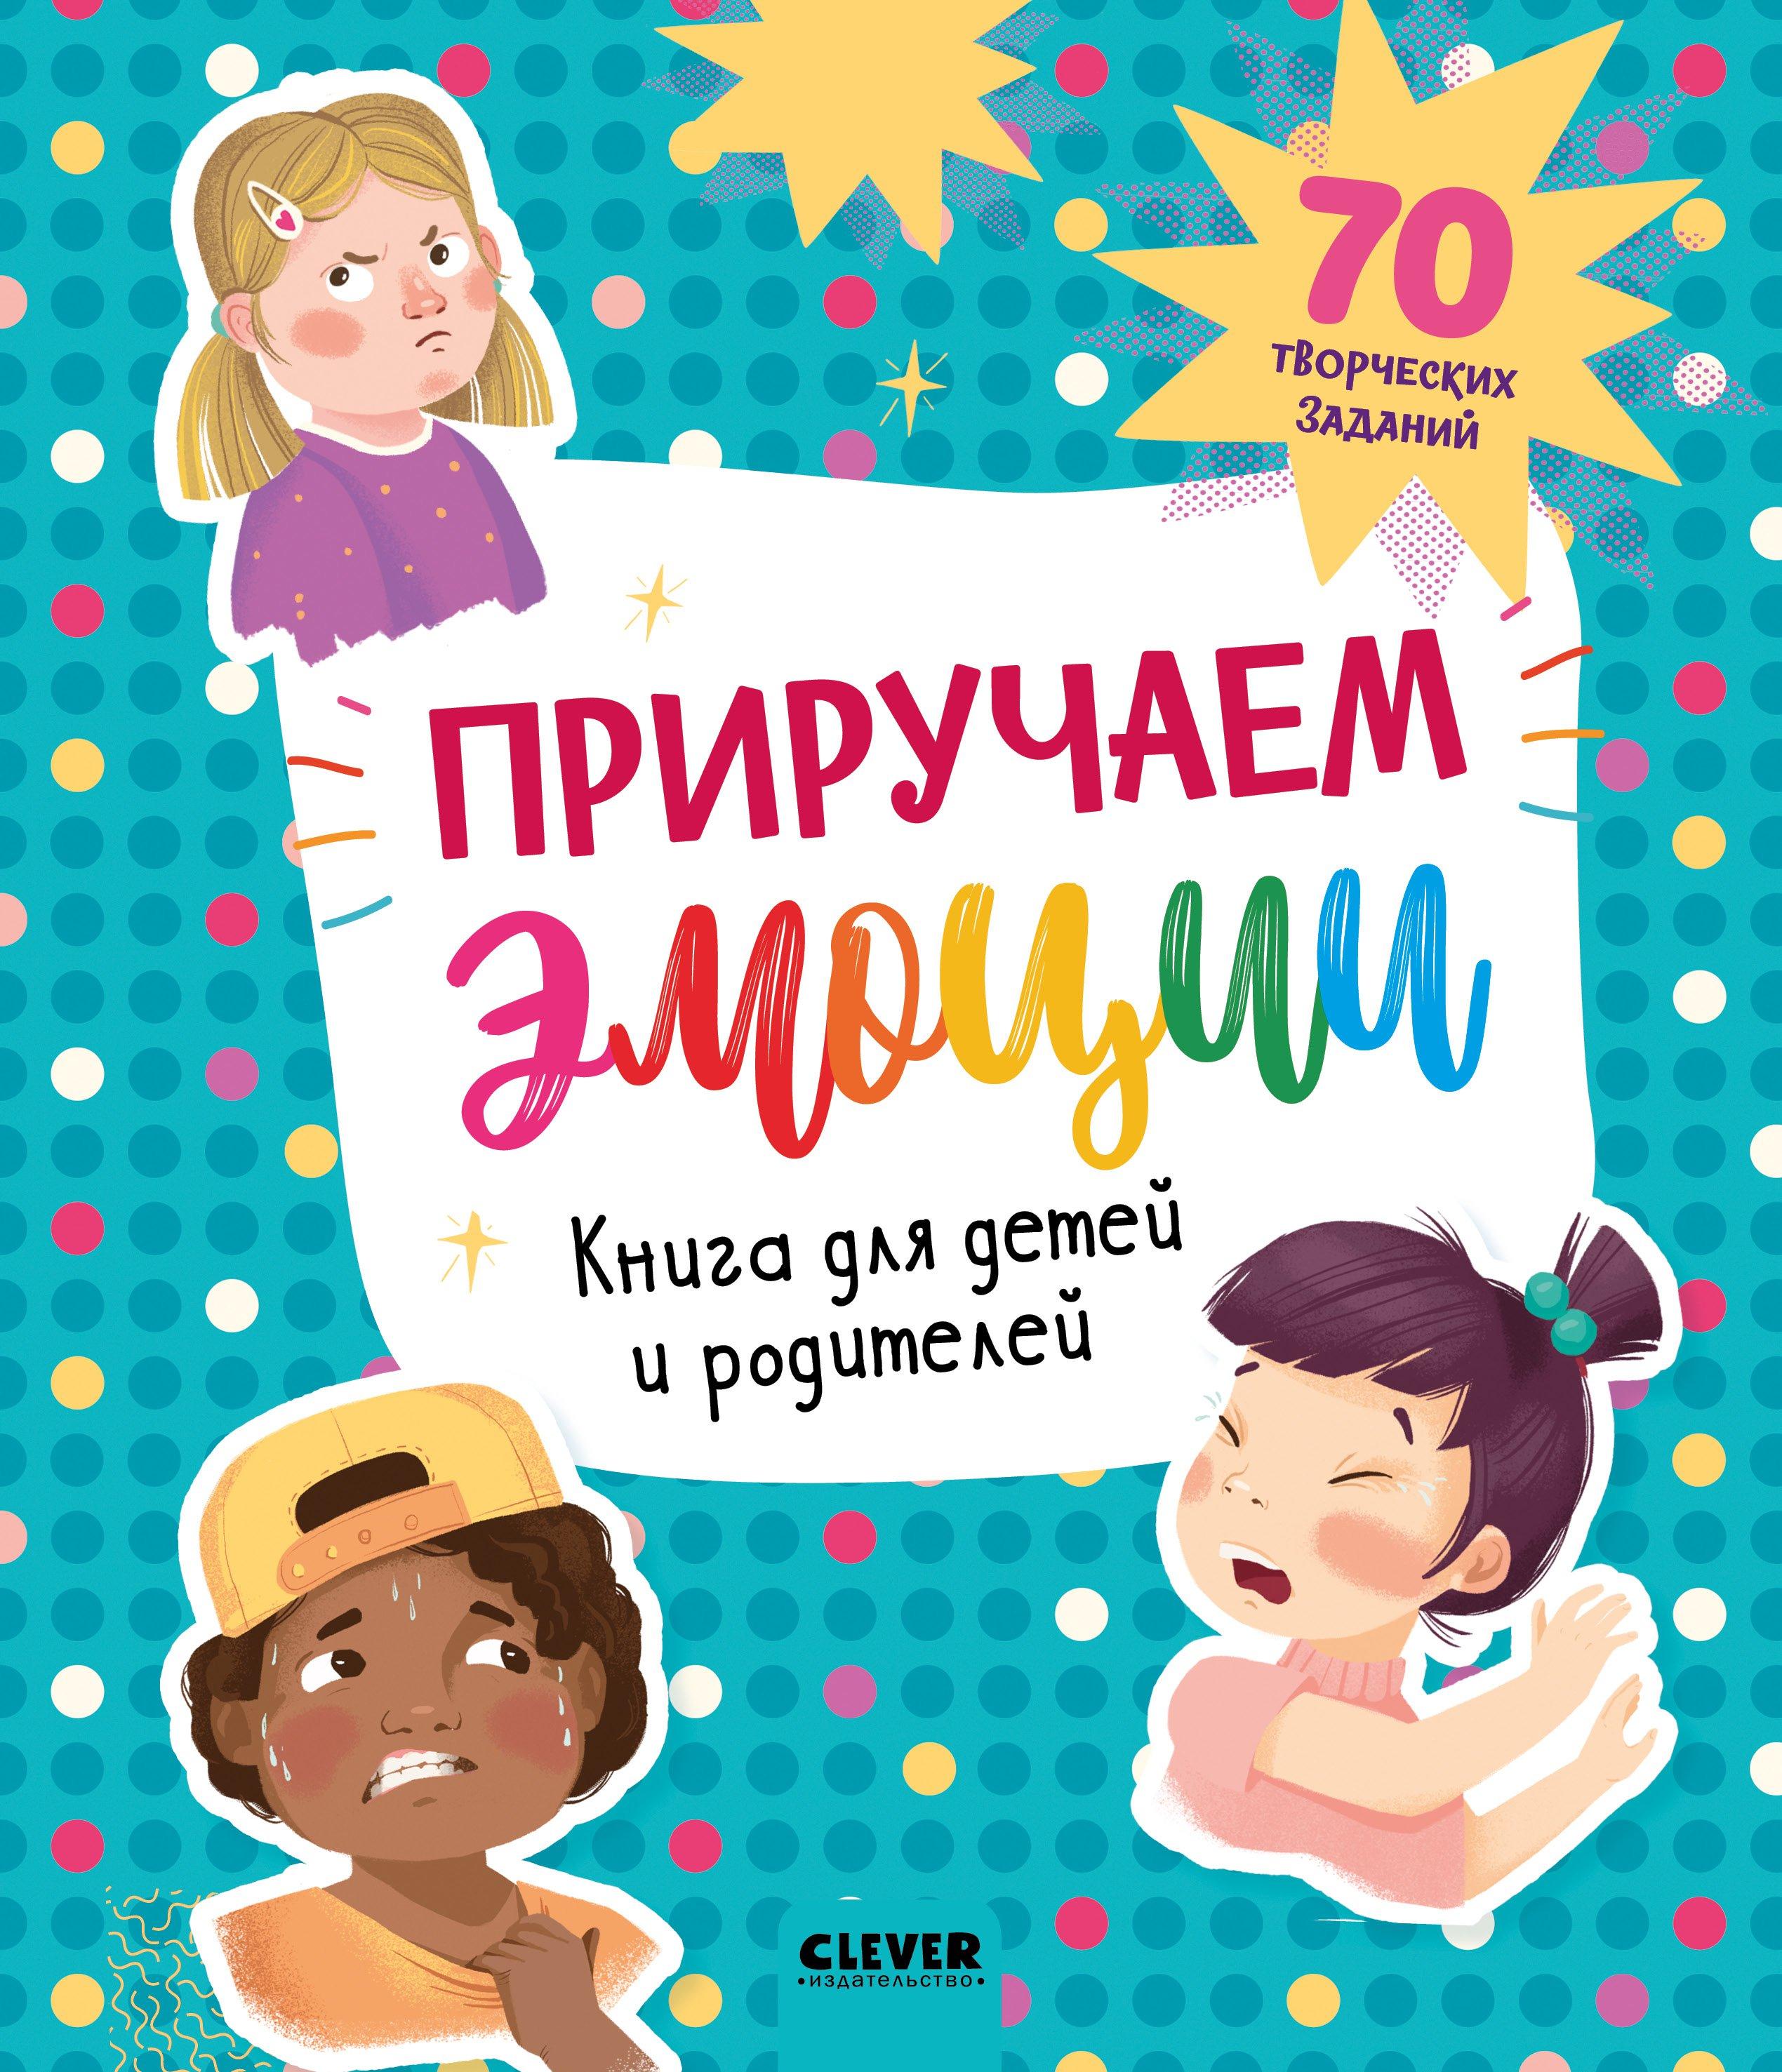 Приручаем эмоции. Книга для детей и родителей